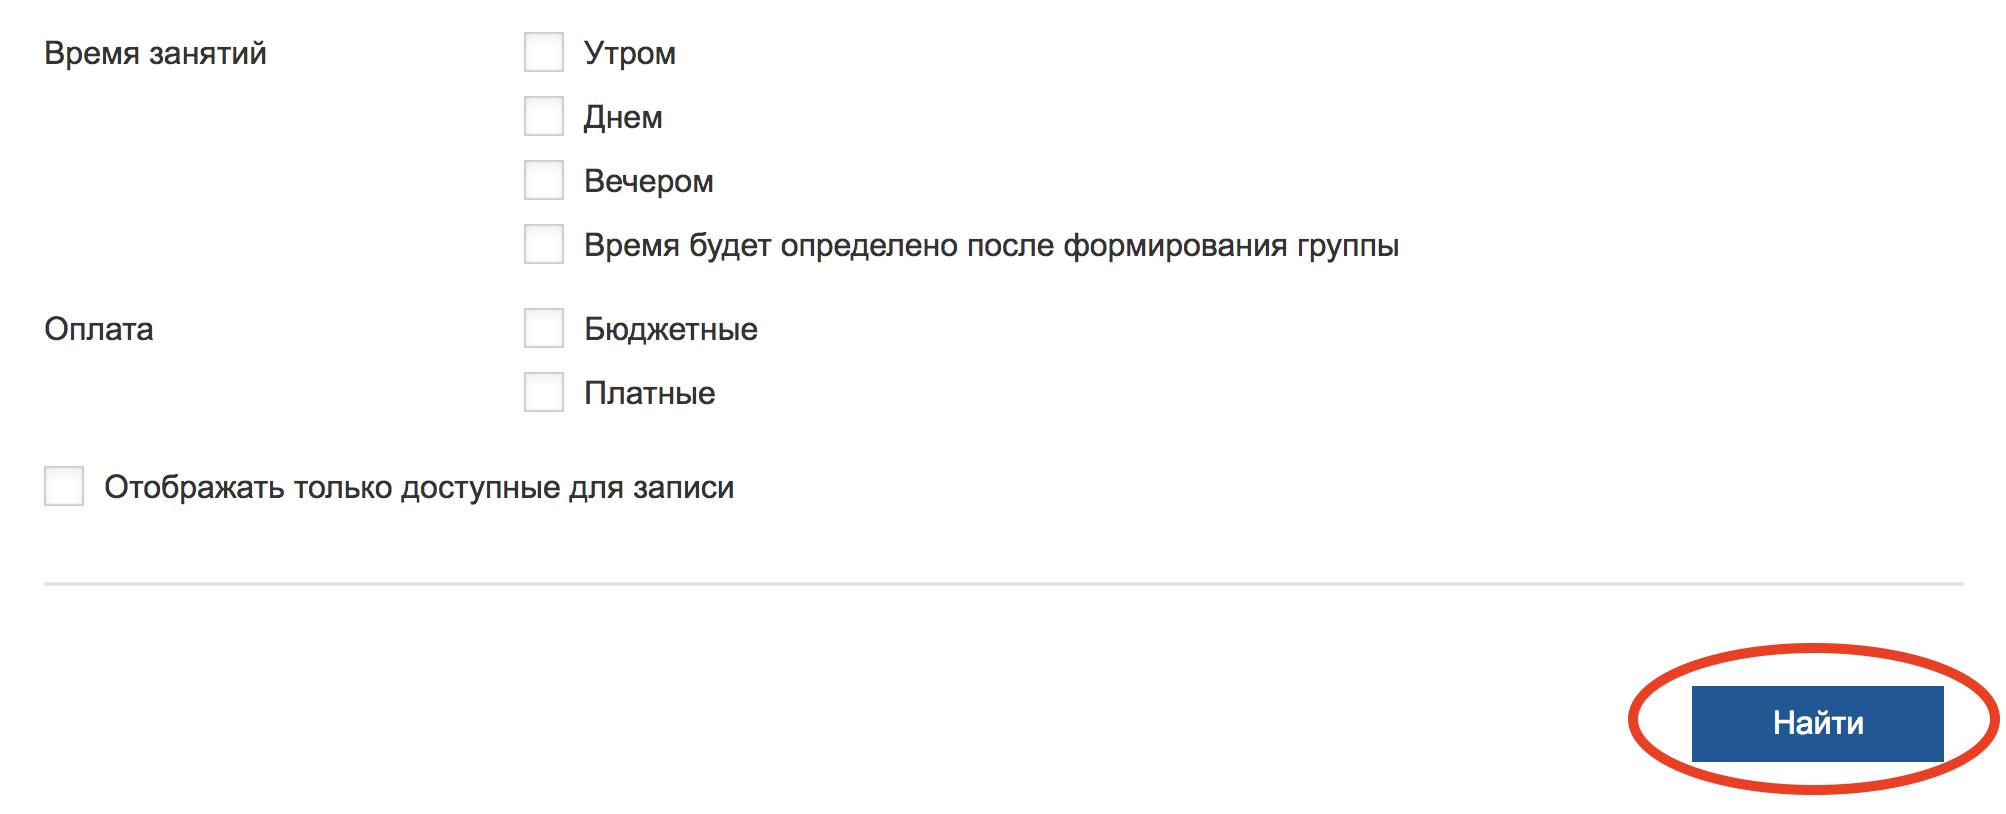 (скриншот с сайта mos.ru)